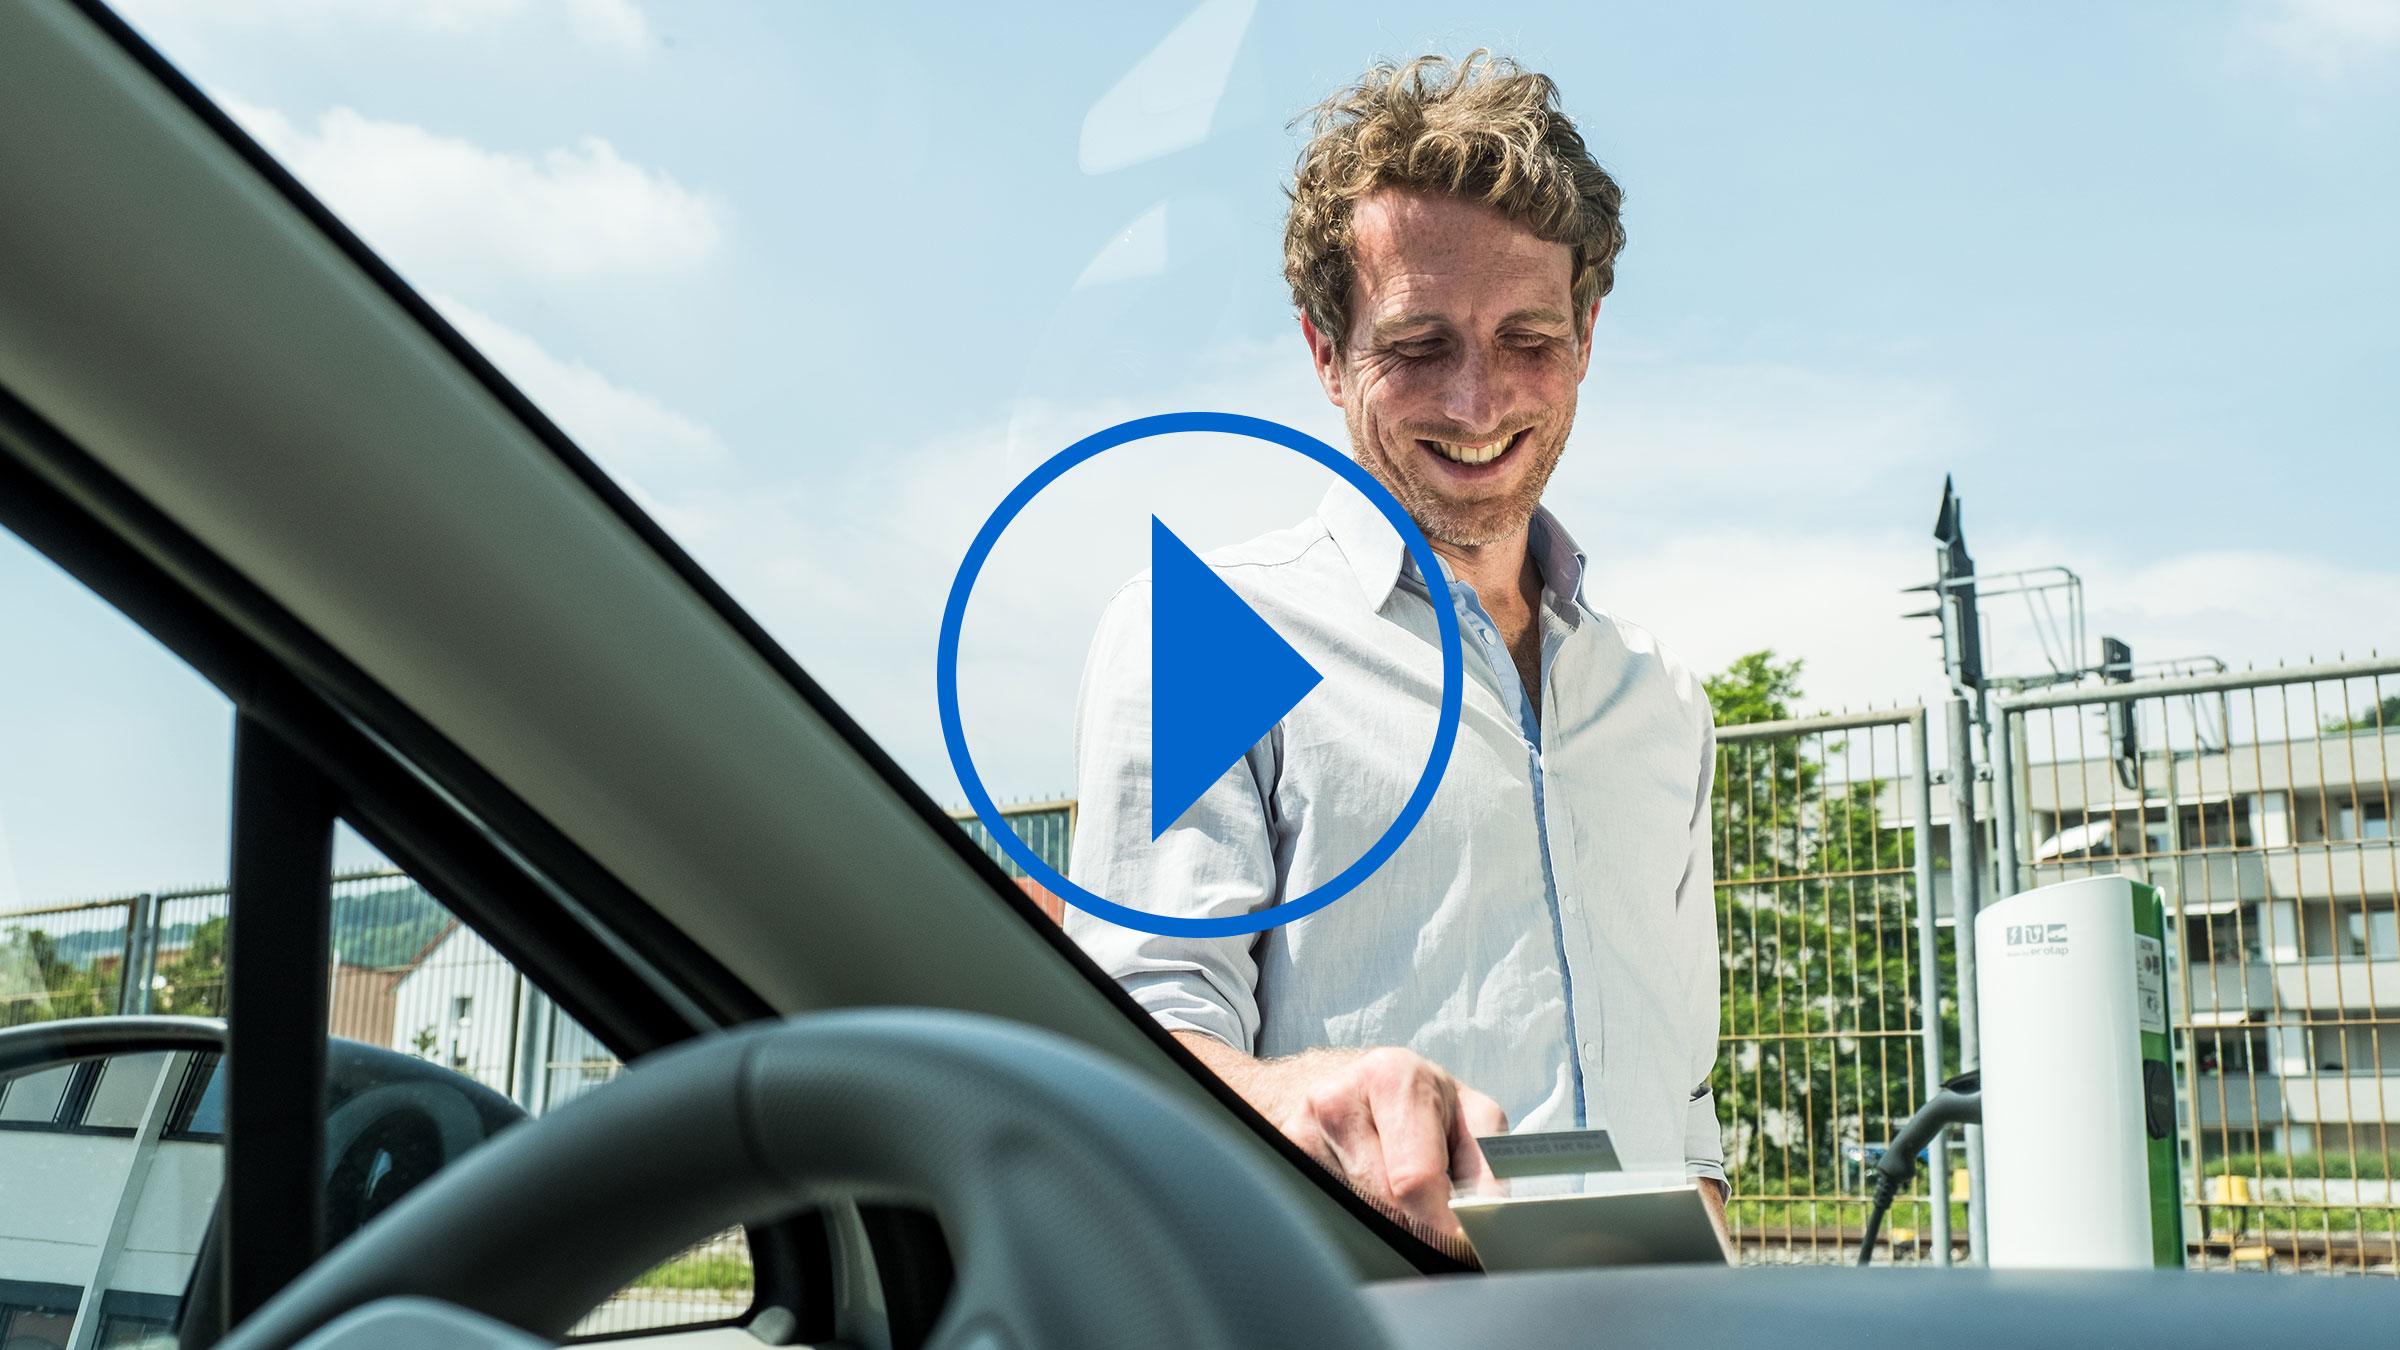 Photoshooting Fahrzeug öffnen für Roche